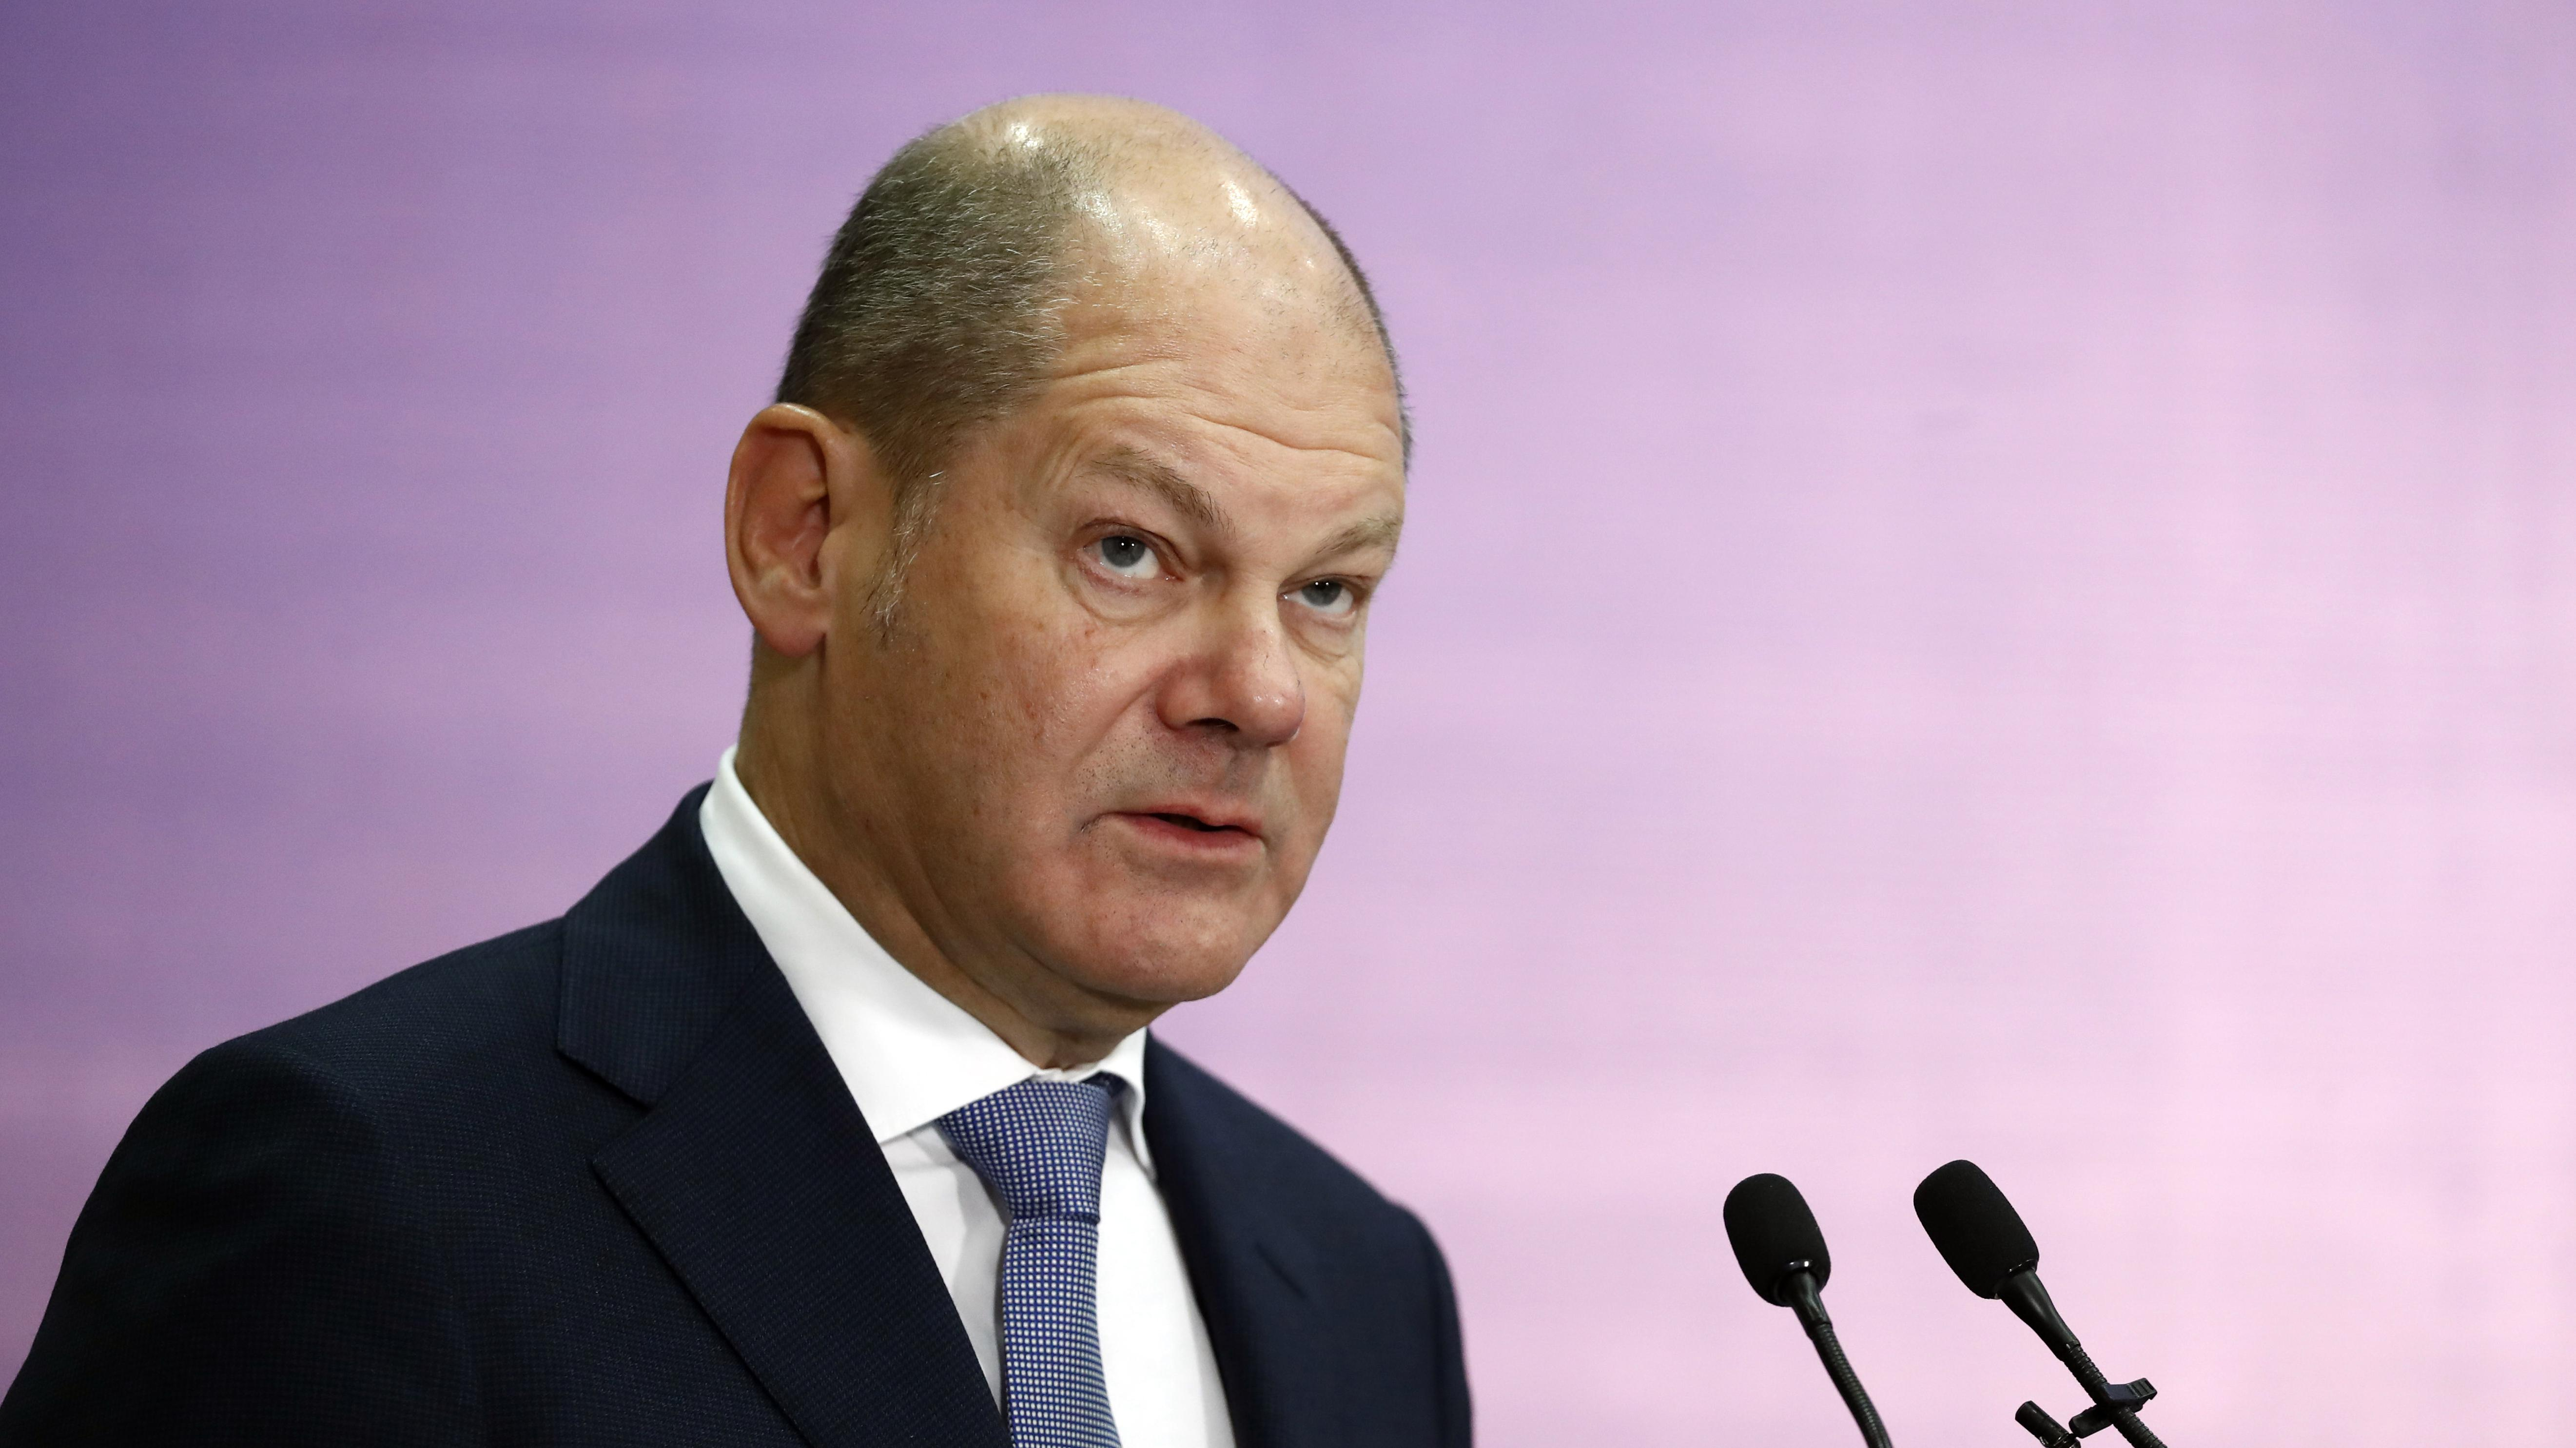 Finanzminister Olaf Scholz spricht auf einer Veranstaltung